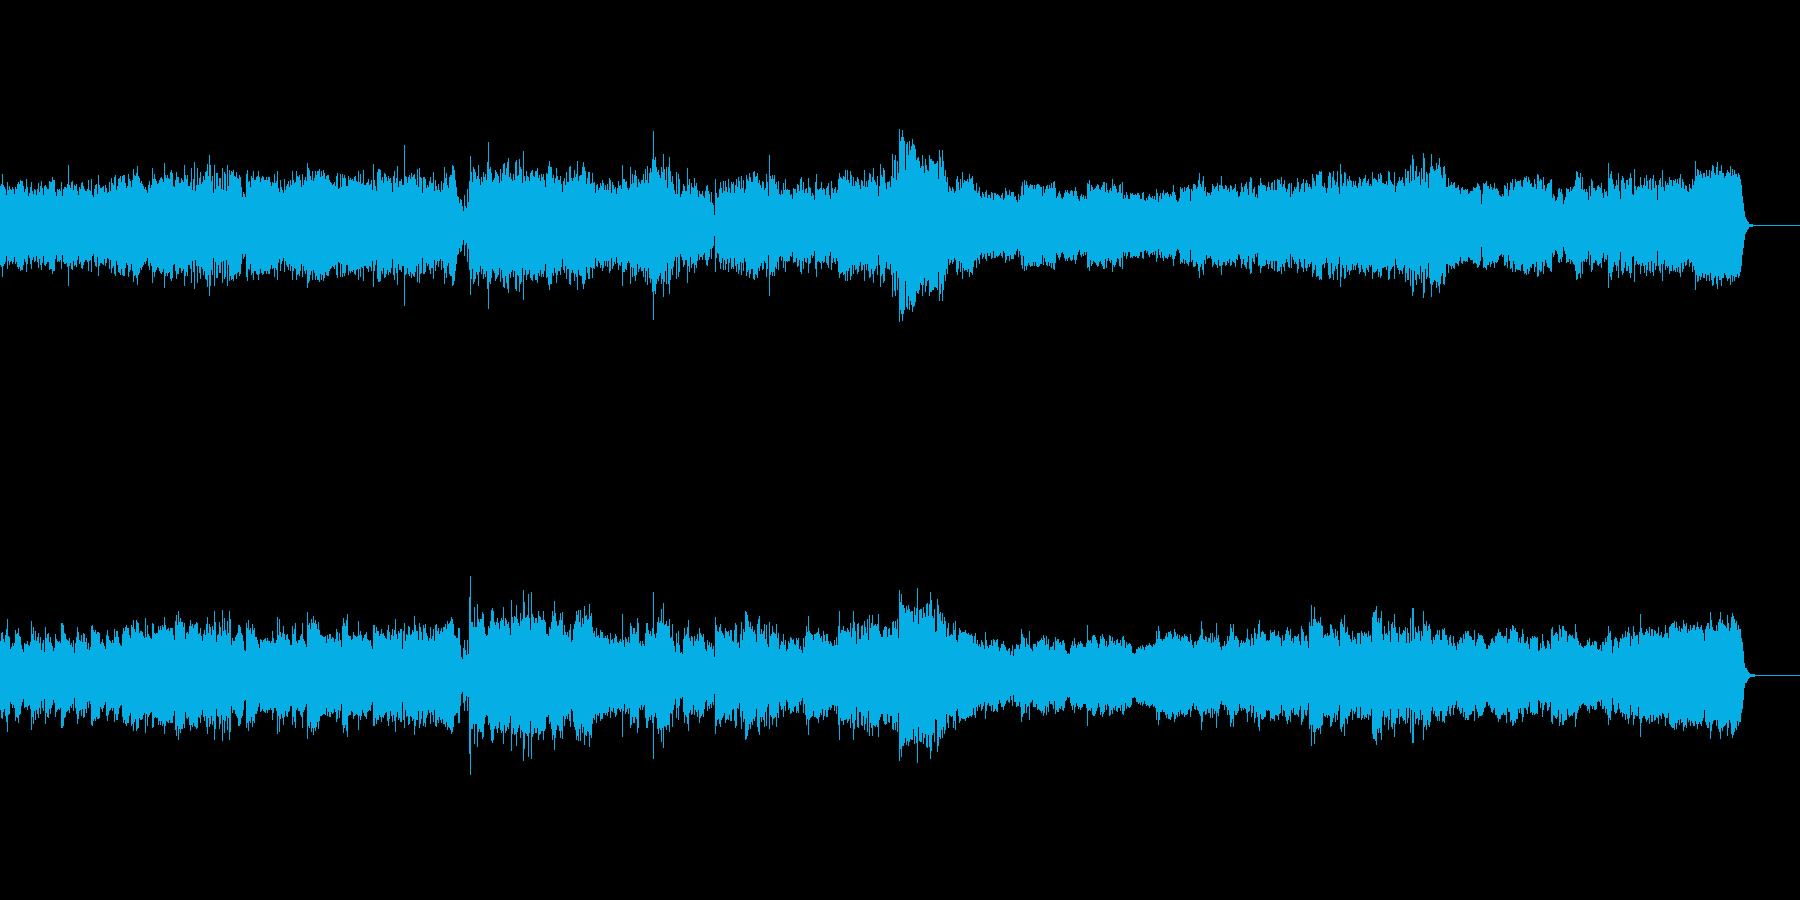 小組曲より第一楽章小舟にて の再生済みの波形